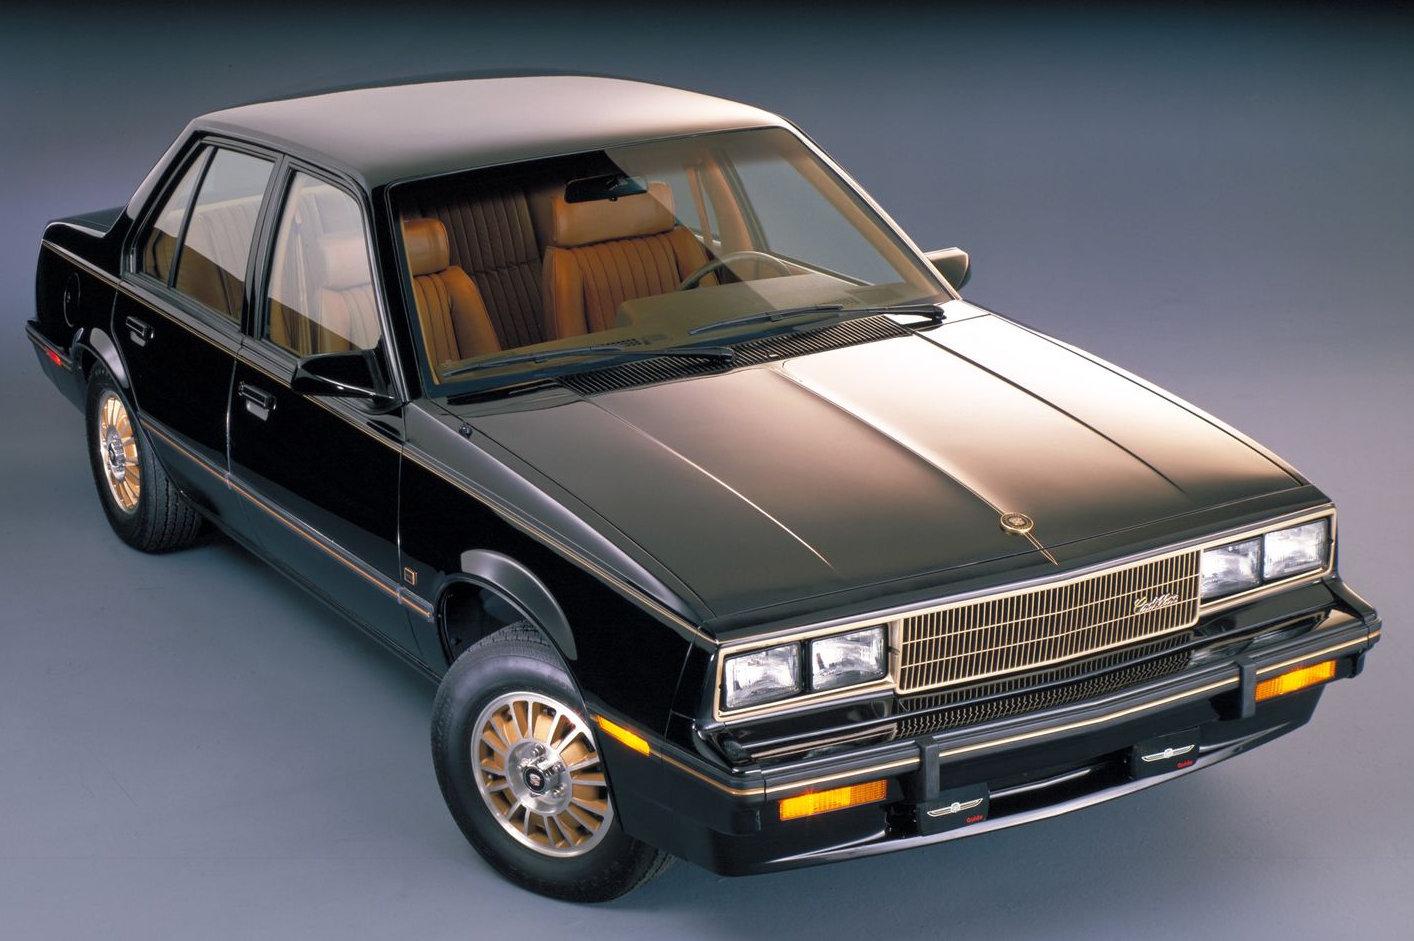 Cimmaron on General Motors 60 V6 Engine